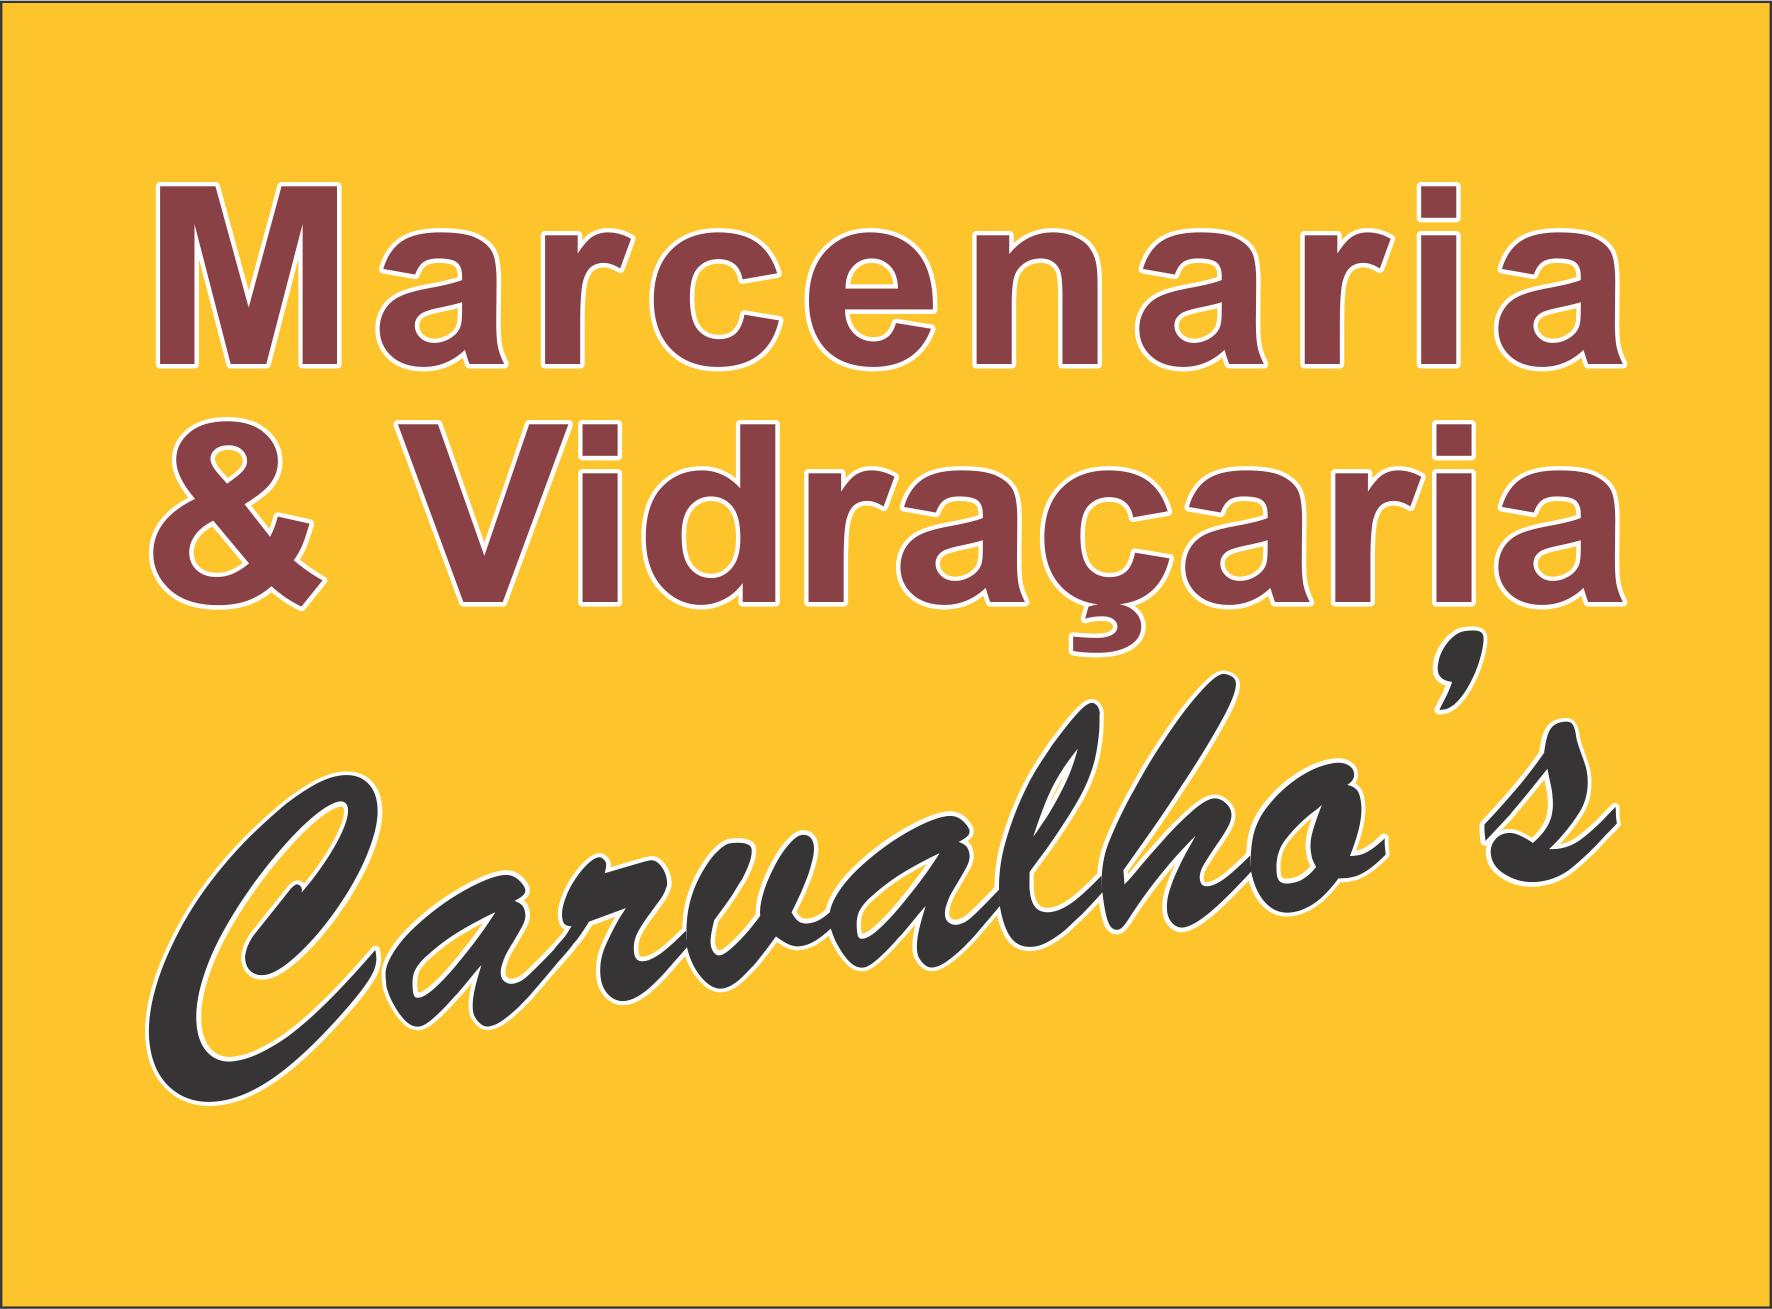 Marcenaria & Vidraçaria Carvalho´s